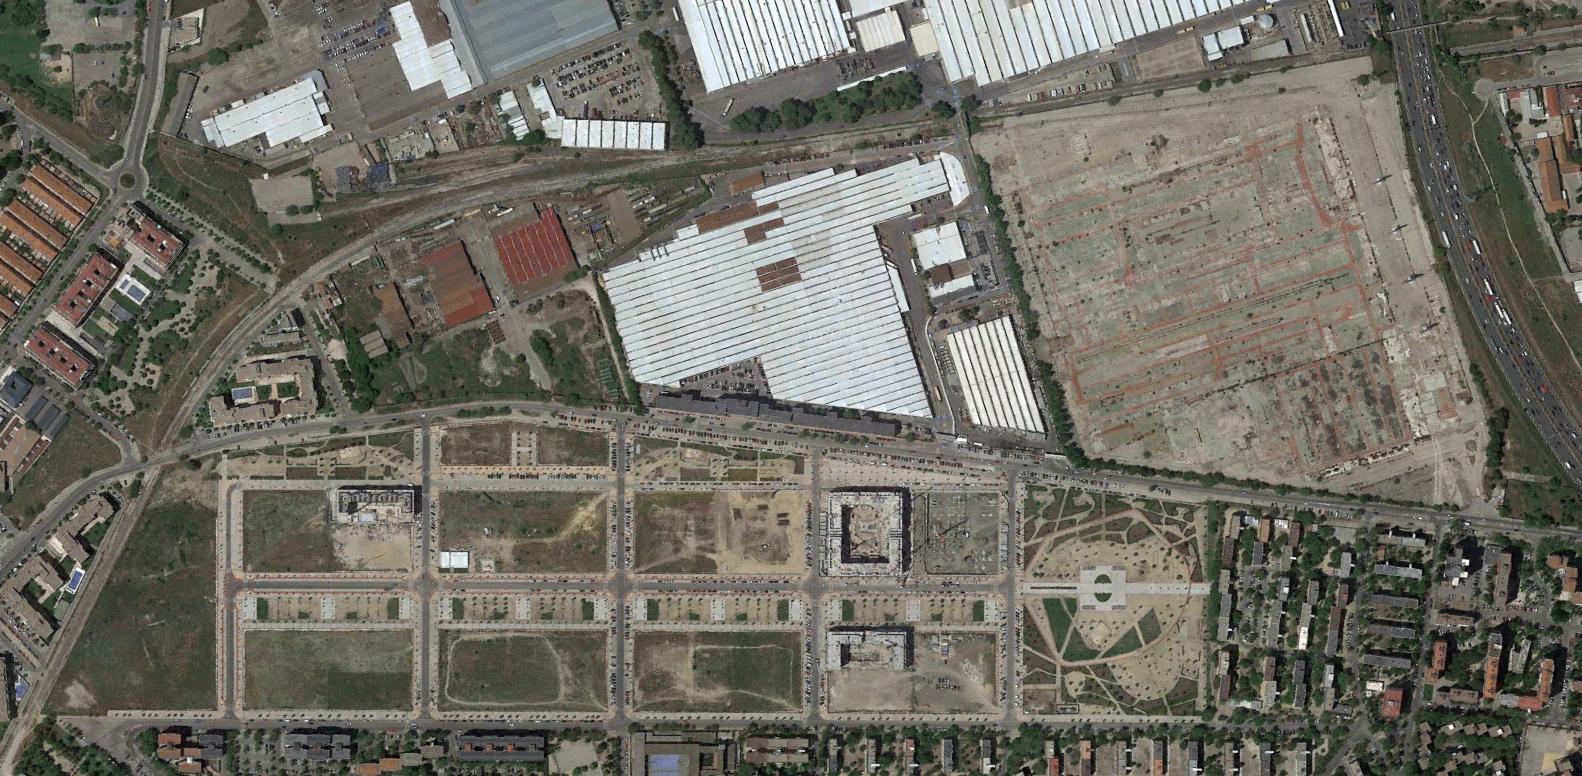 ciudad de los ángeles, madrid, lololond, después, urbanismo, planeamiento, urbano, desastre, urbanístico, construcción, rotondas, carretera